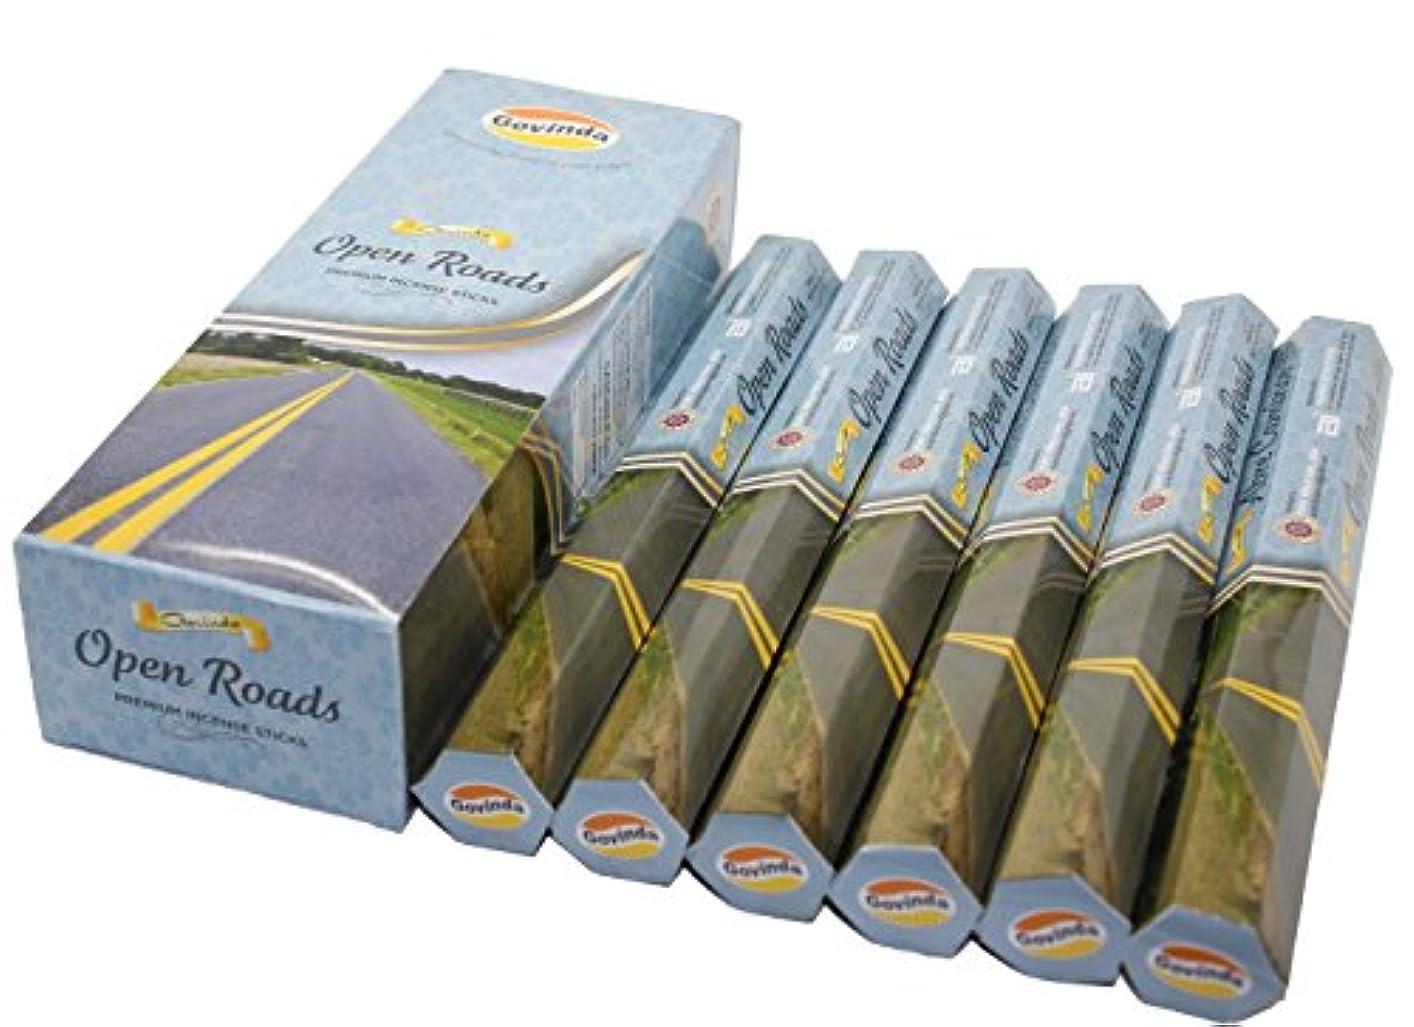 居心地の良いエッセイ敵対的Govinda ® Incense – Open Roads – 120 Incense Sticks、プレミアムIncense、Masalaコーティング